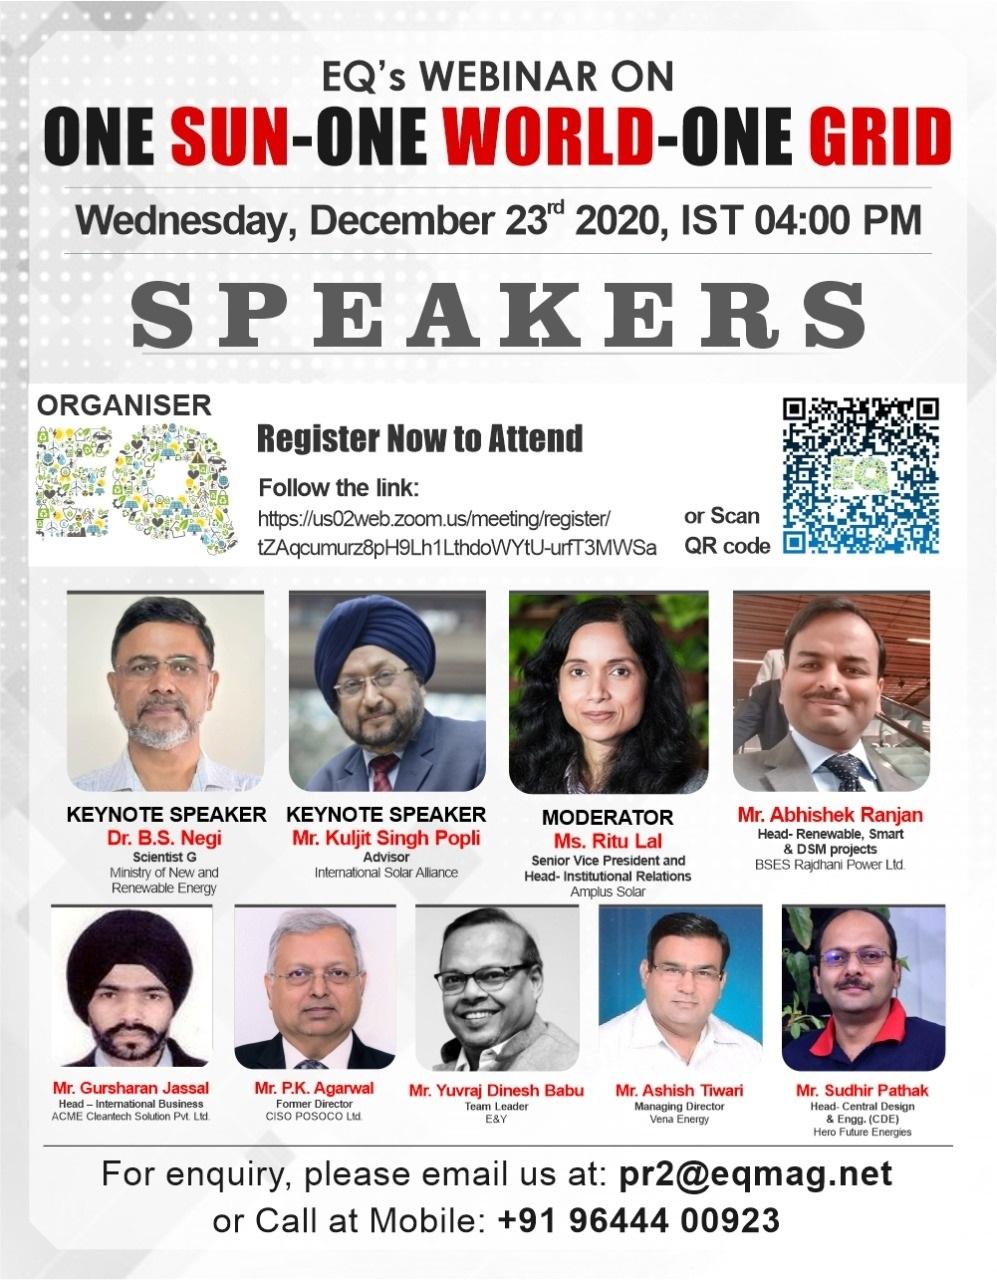 EQ Webinar on One Sun One World One Grid